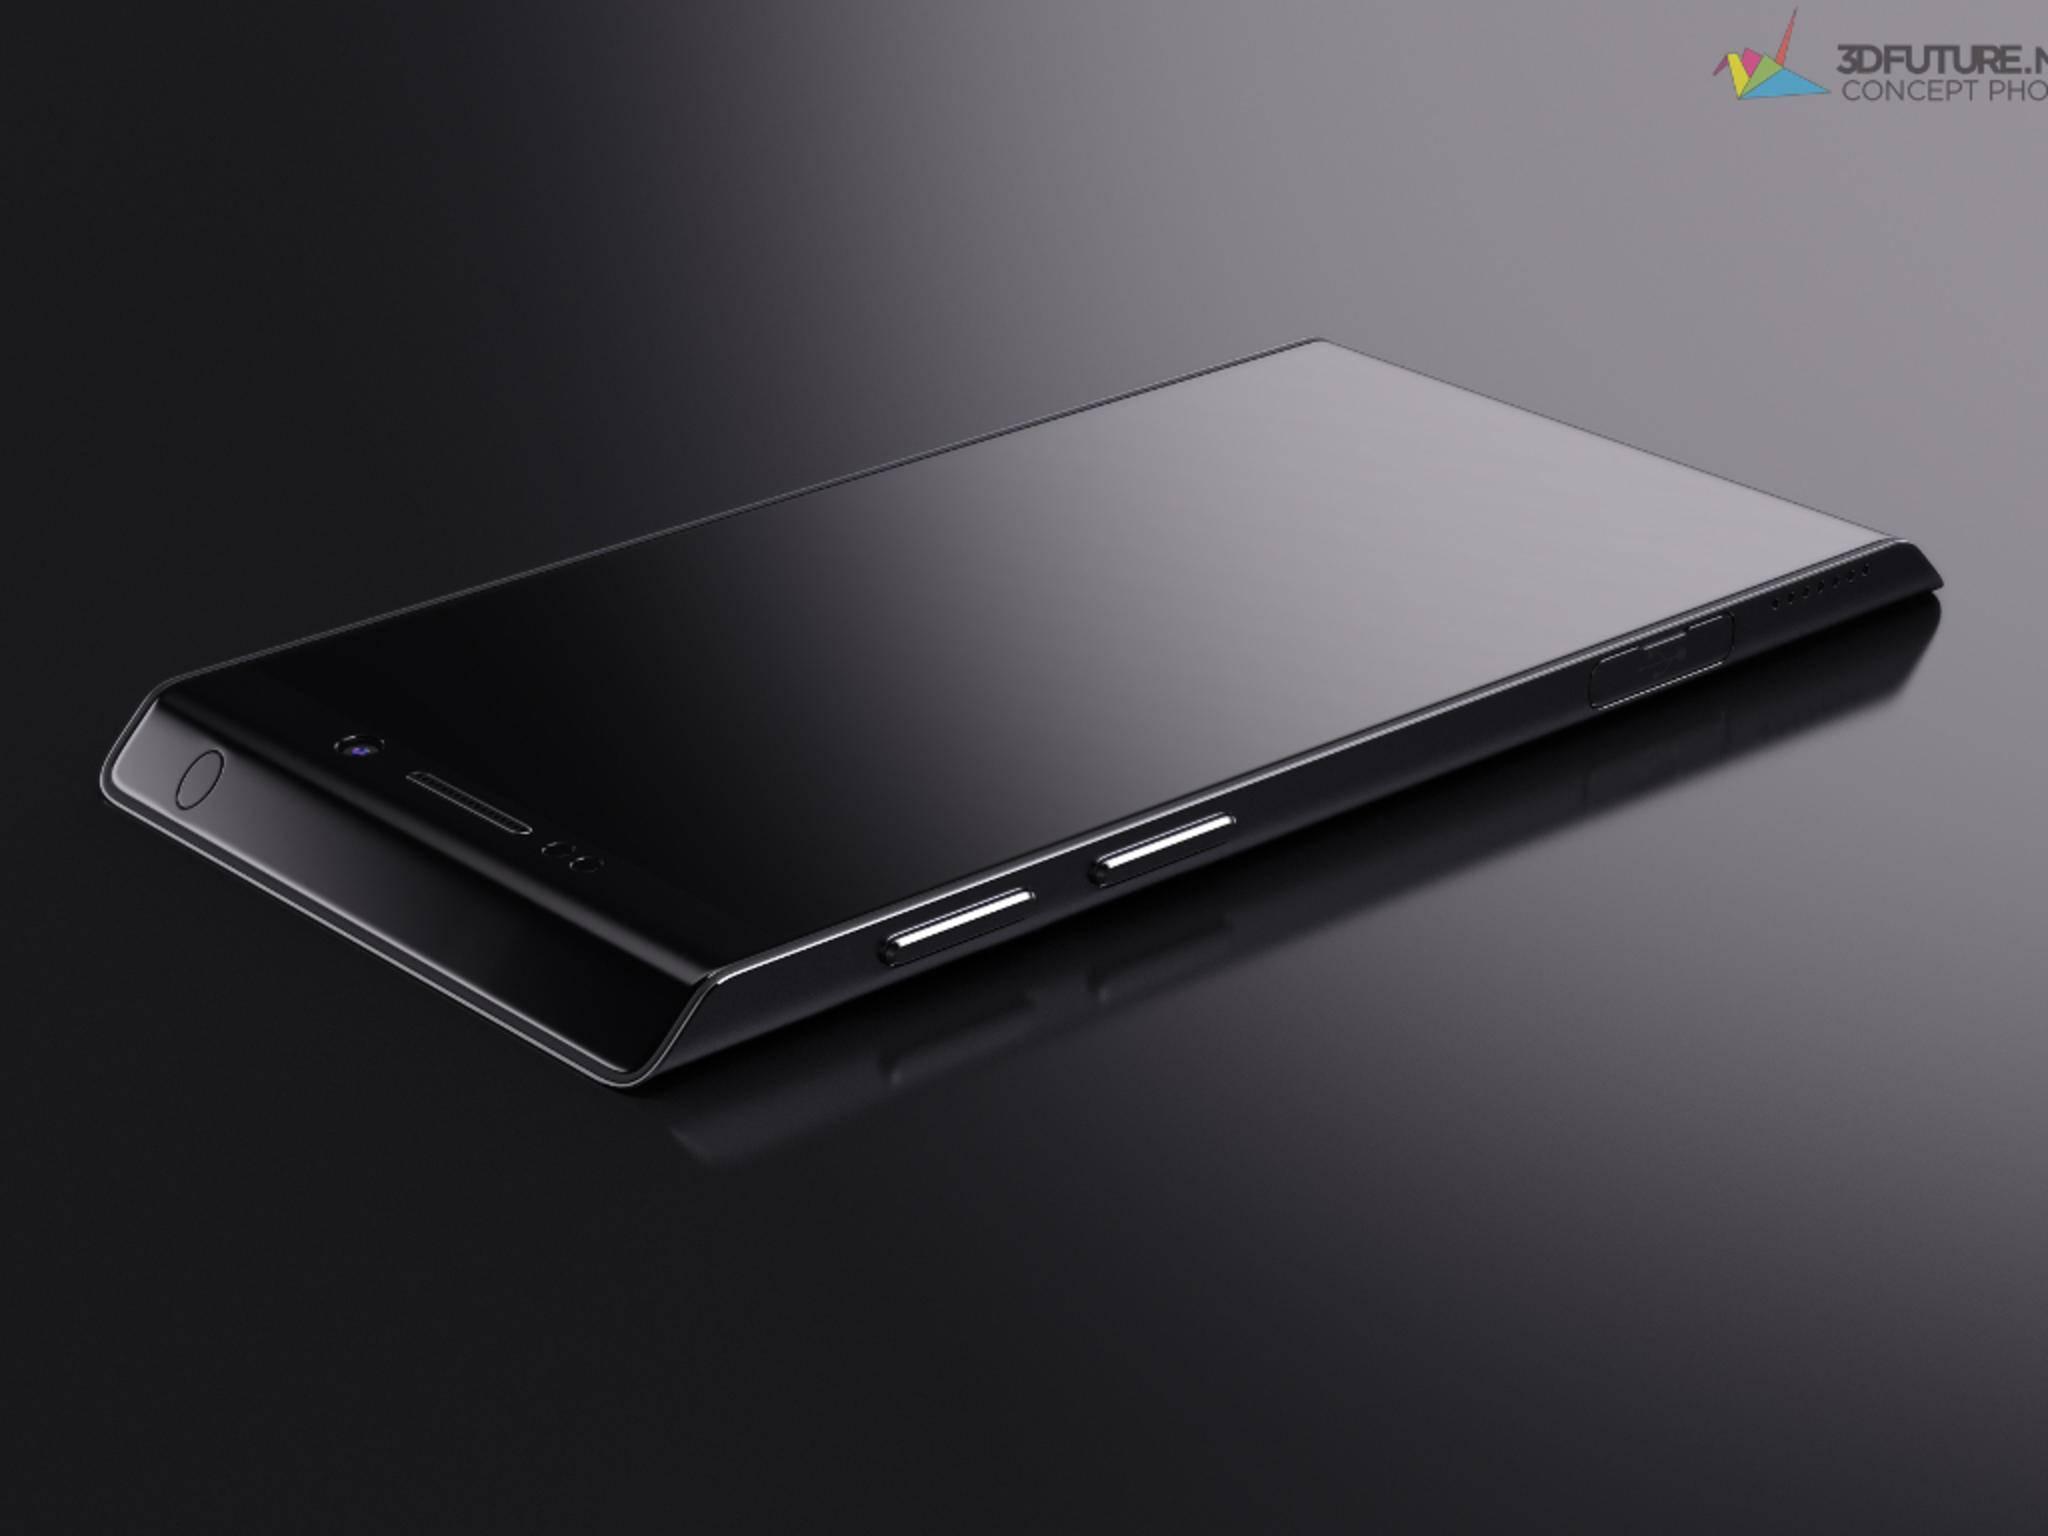 Der Exynos 8 Octa wird wohl im Galaxy S7 zum Einsatz kommen.